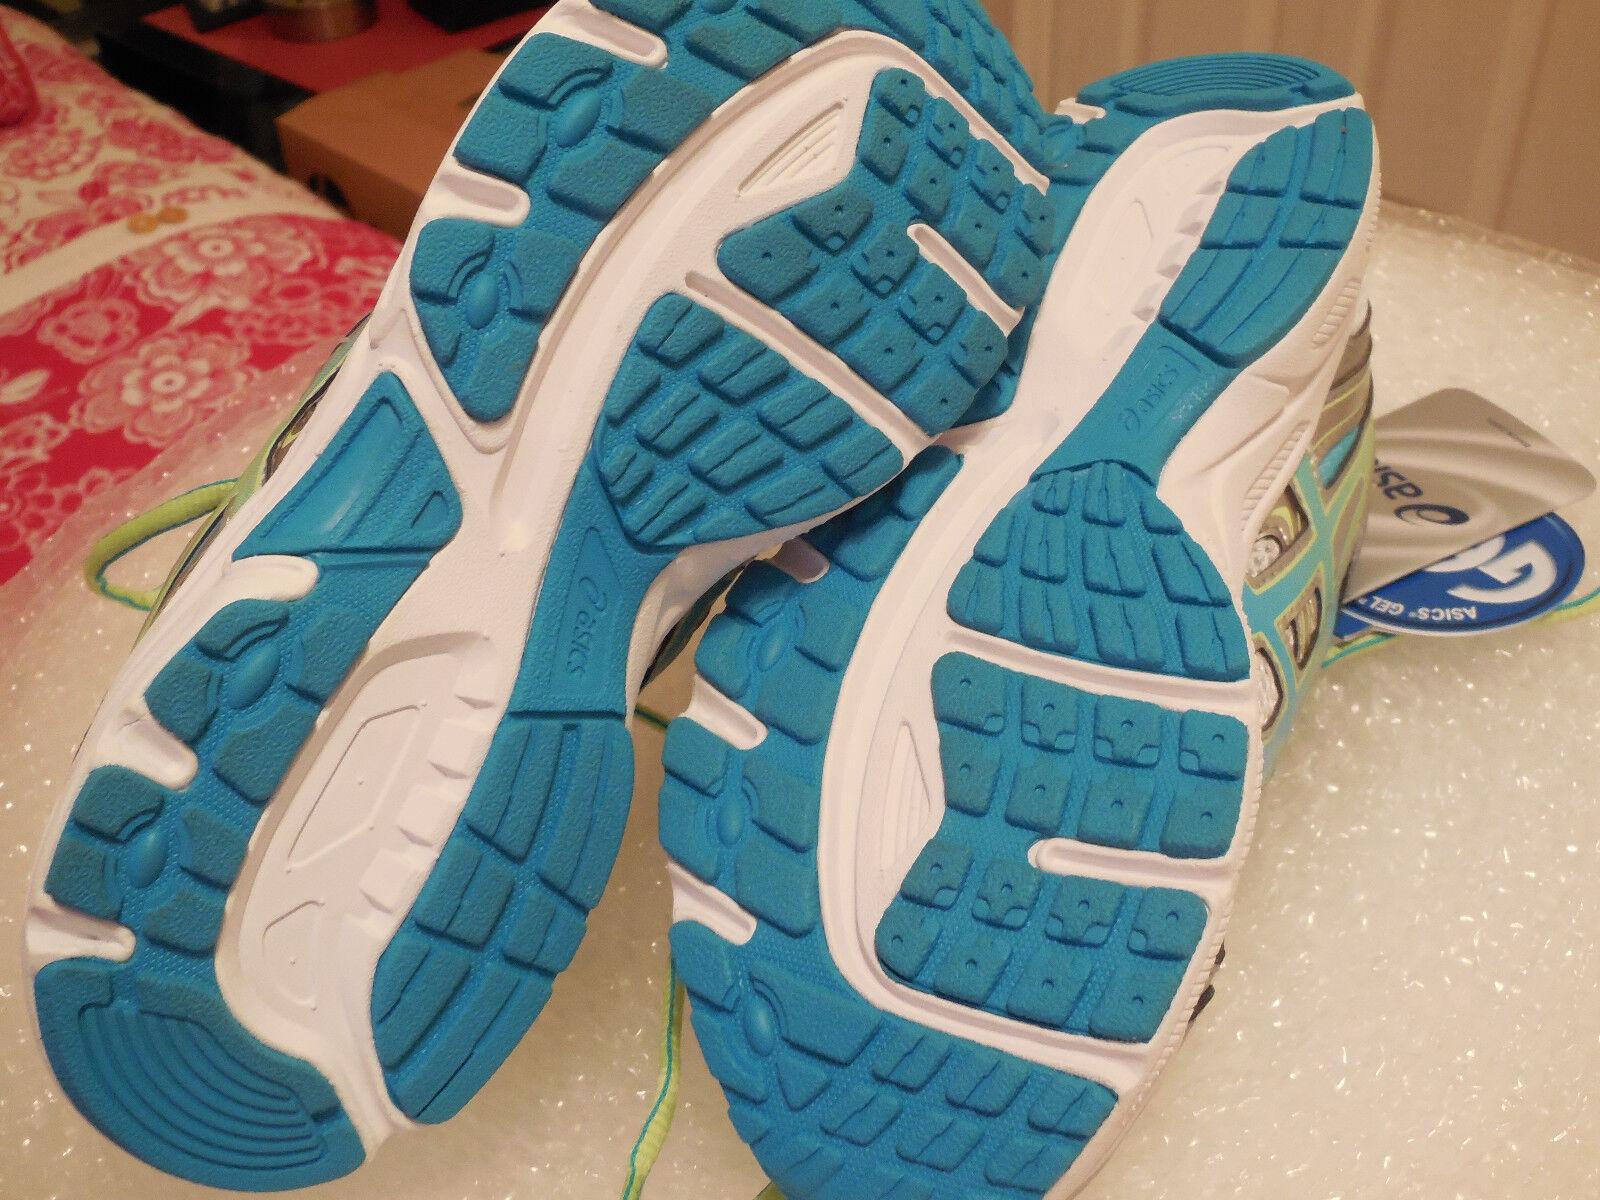 ASICS Schuhe,Weiß/Turquoise/Sharp Damenschuhe Gel-Contend 2 Running Schuhe,Weiß/Turquoise/Sharp ASICS Green SIZE 6 9b5e99